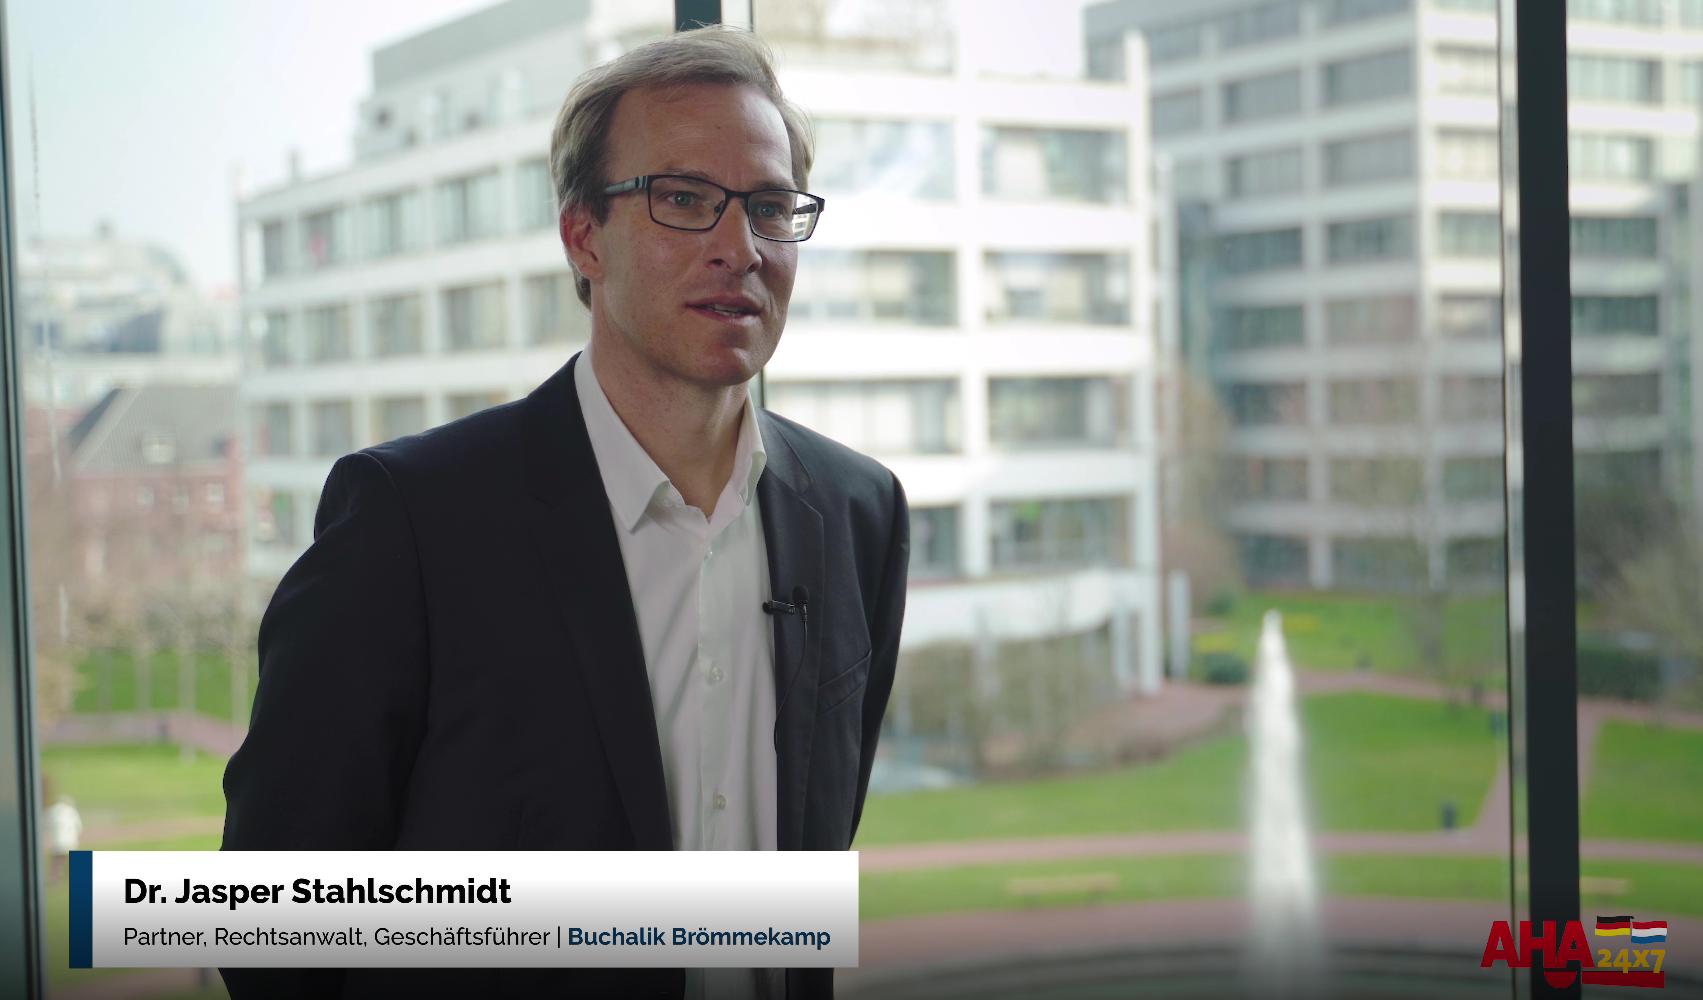 Duits huurmoratorium tijdens lockdown: wat houdt het in?